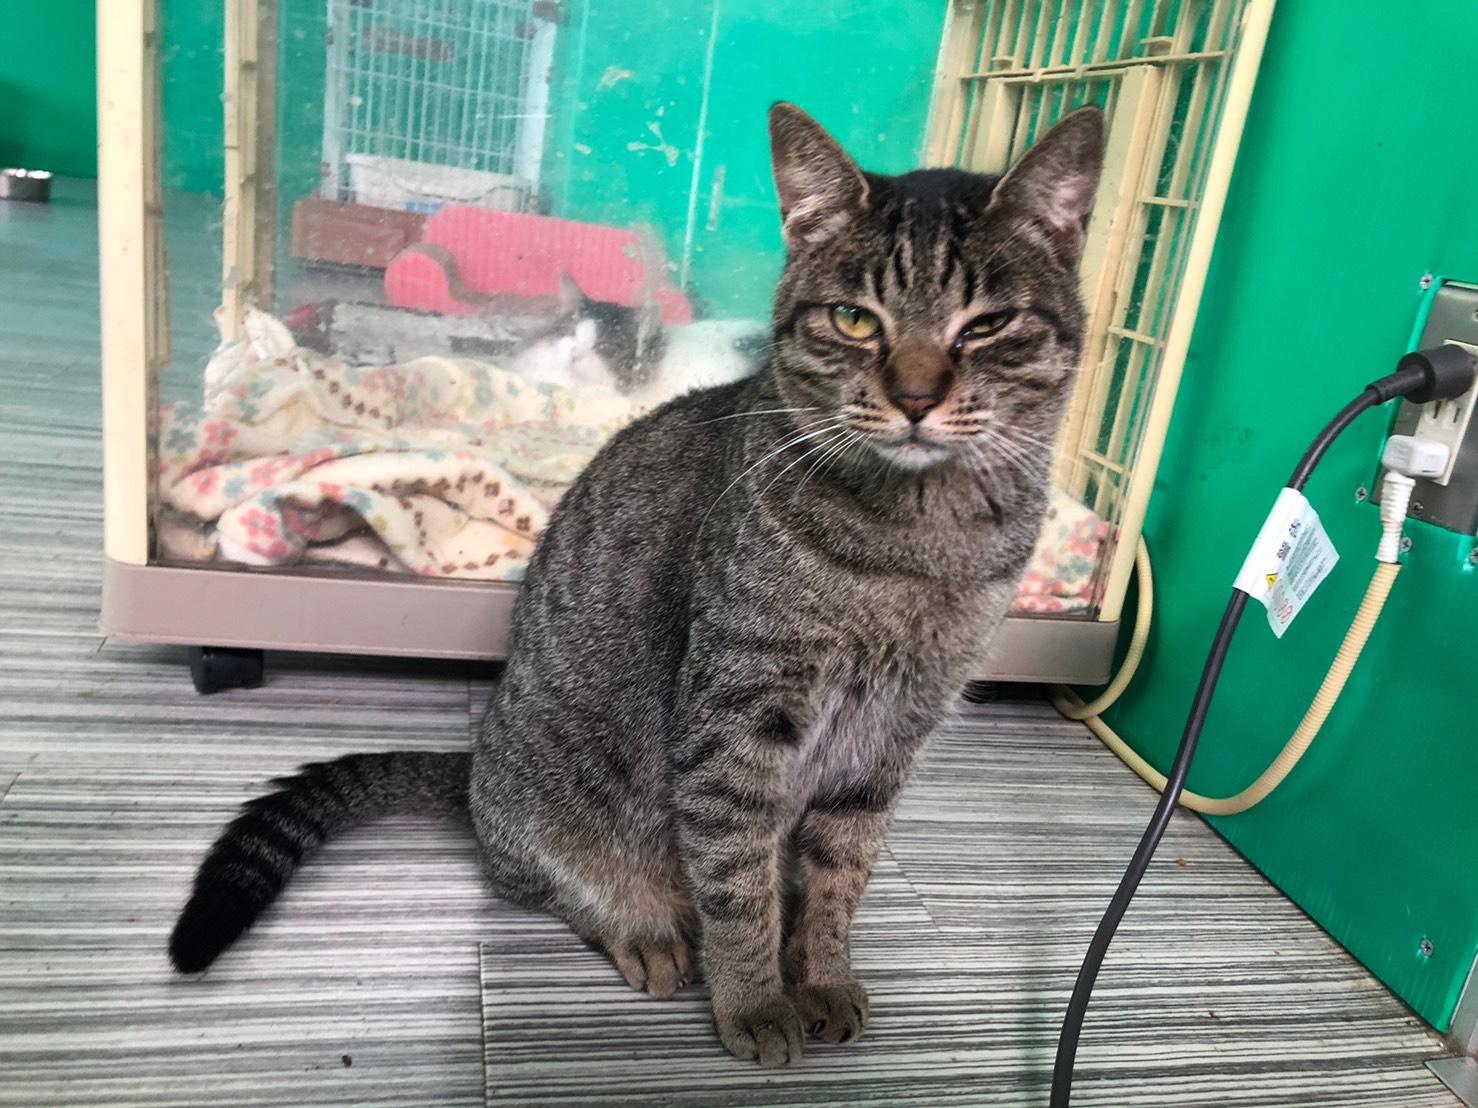 <ul> <li>猫種:日本猫 キジトラ</li> <li>性別:女の子</li> <li>名前:もも</li> <li>年齢:2019年1月</li> <li>保護経緯:飼い主様の諸事情のため飼育困難になり引き取りました</li> </ul>